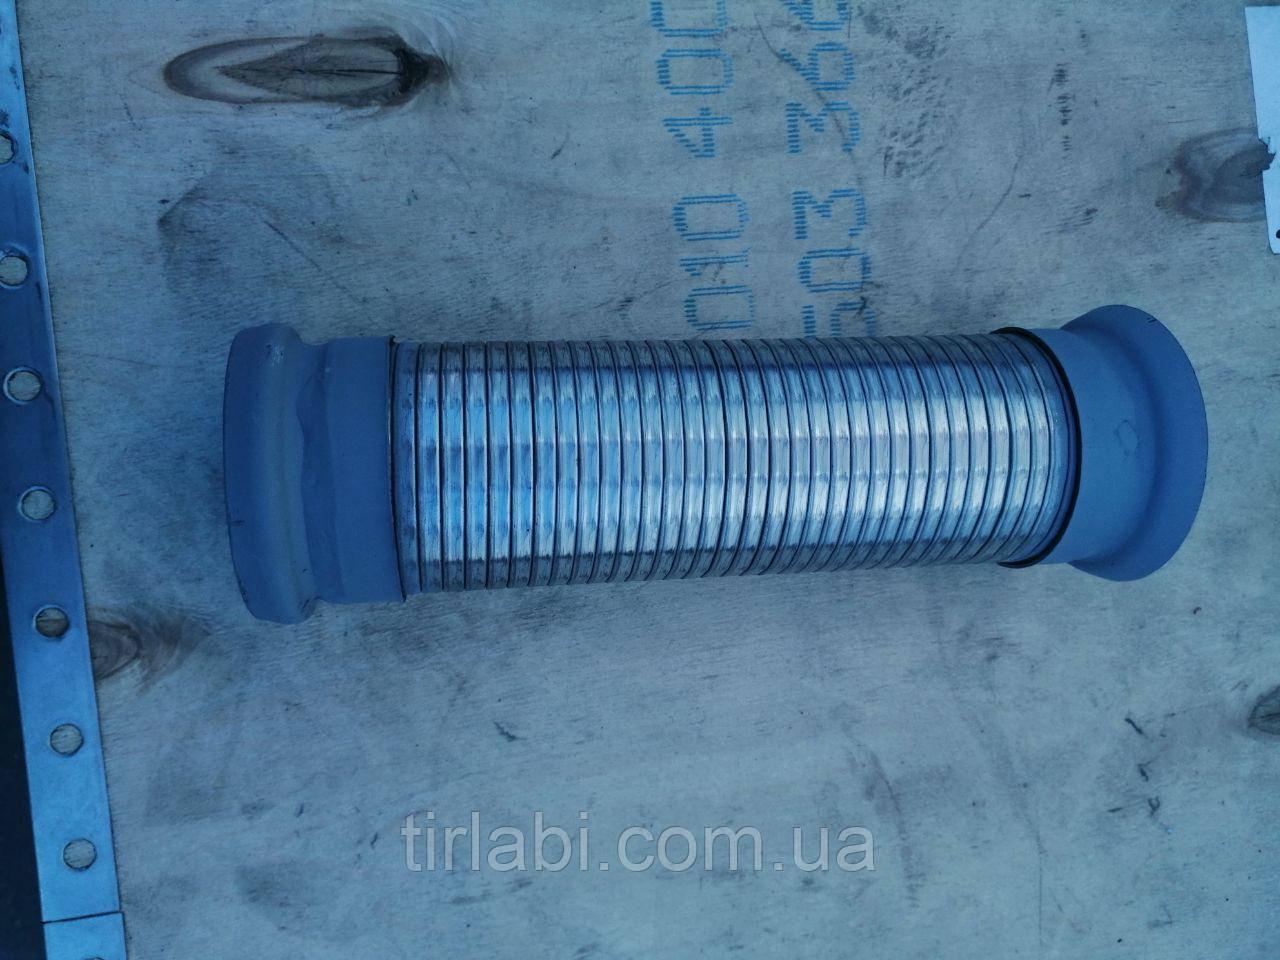 Гофра глушителя с фланцами Fi 75x295